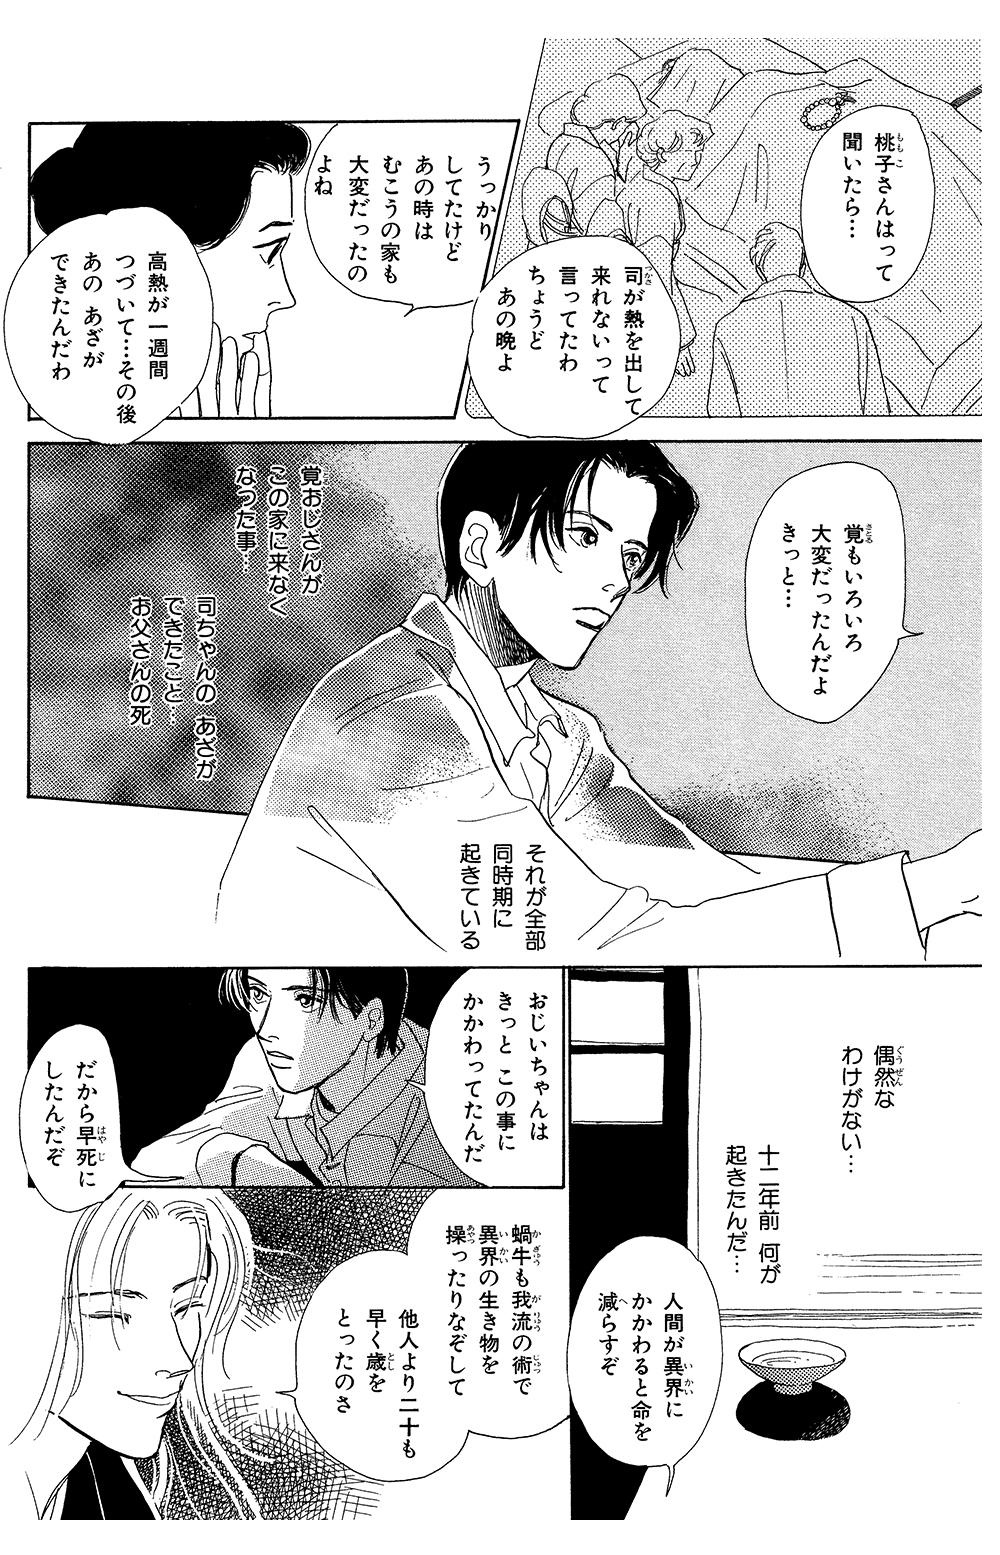 百鬼夜行抄 第1話「闇からの呼び声」④hyakki1-4-3.jpg